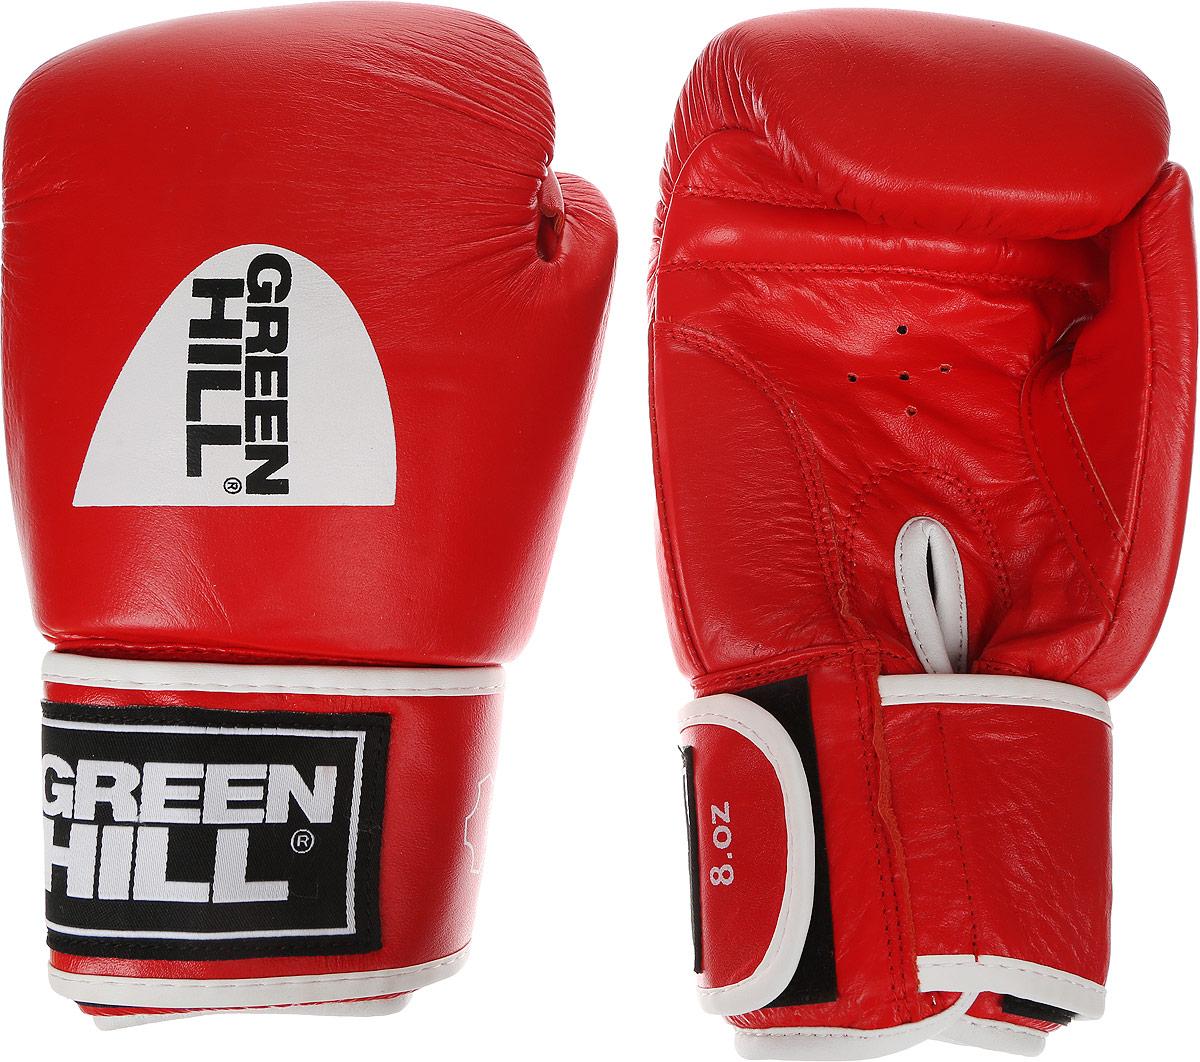 Перчатки боксерские Green Hill Gym, цвет: красный, белый. Вес 8 унцийBGG-2018Боксерские перчатки Green Hill Gym подходят для всех видов единоборств где применяют перчатки. Подойдет как для бокса, так и для кикбоксинга. Новички и профессионалы высоко ценят эту модель за универсальность. Верхняя часть перчатки выполнена из натуральной кожи, наполнитель - пенополиуретан. Перфорированная поверхность в области ладони позволяет создать максимально комфортный терморежим во время занятий. Закрепляется на руке при помощи липучки.